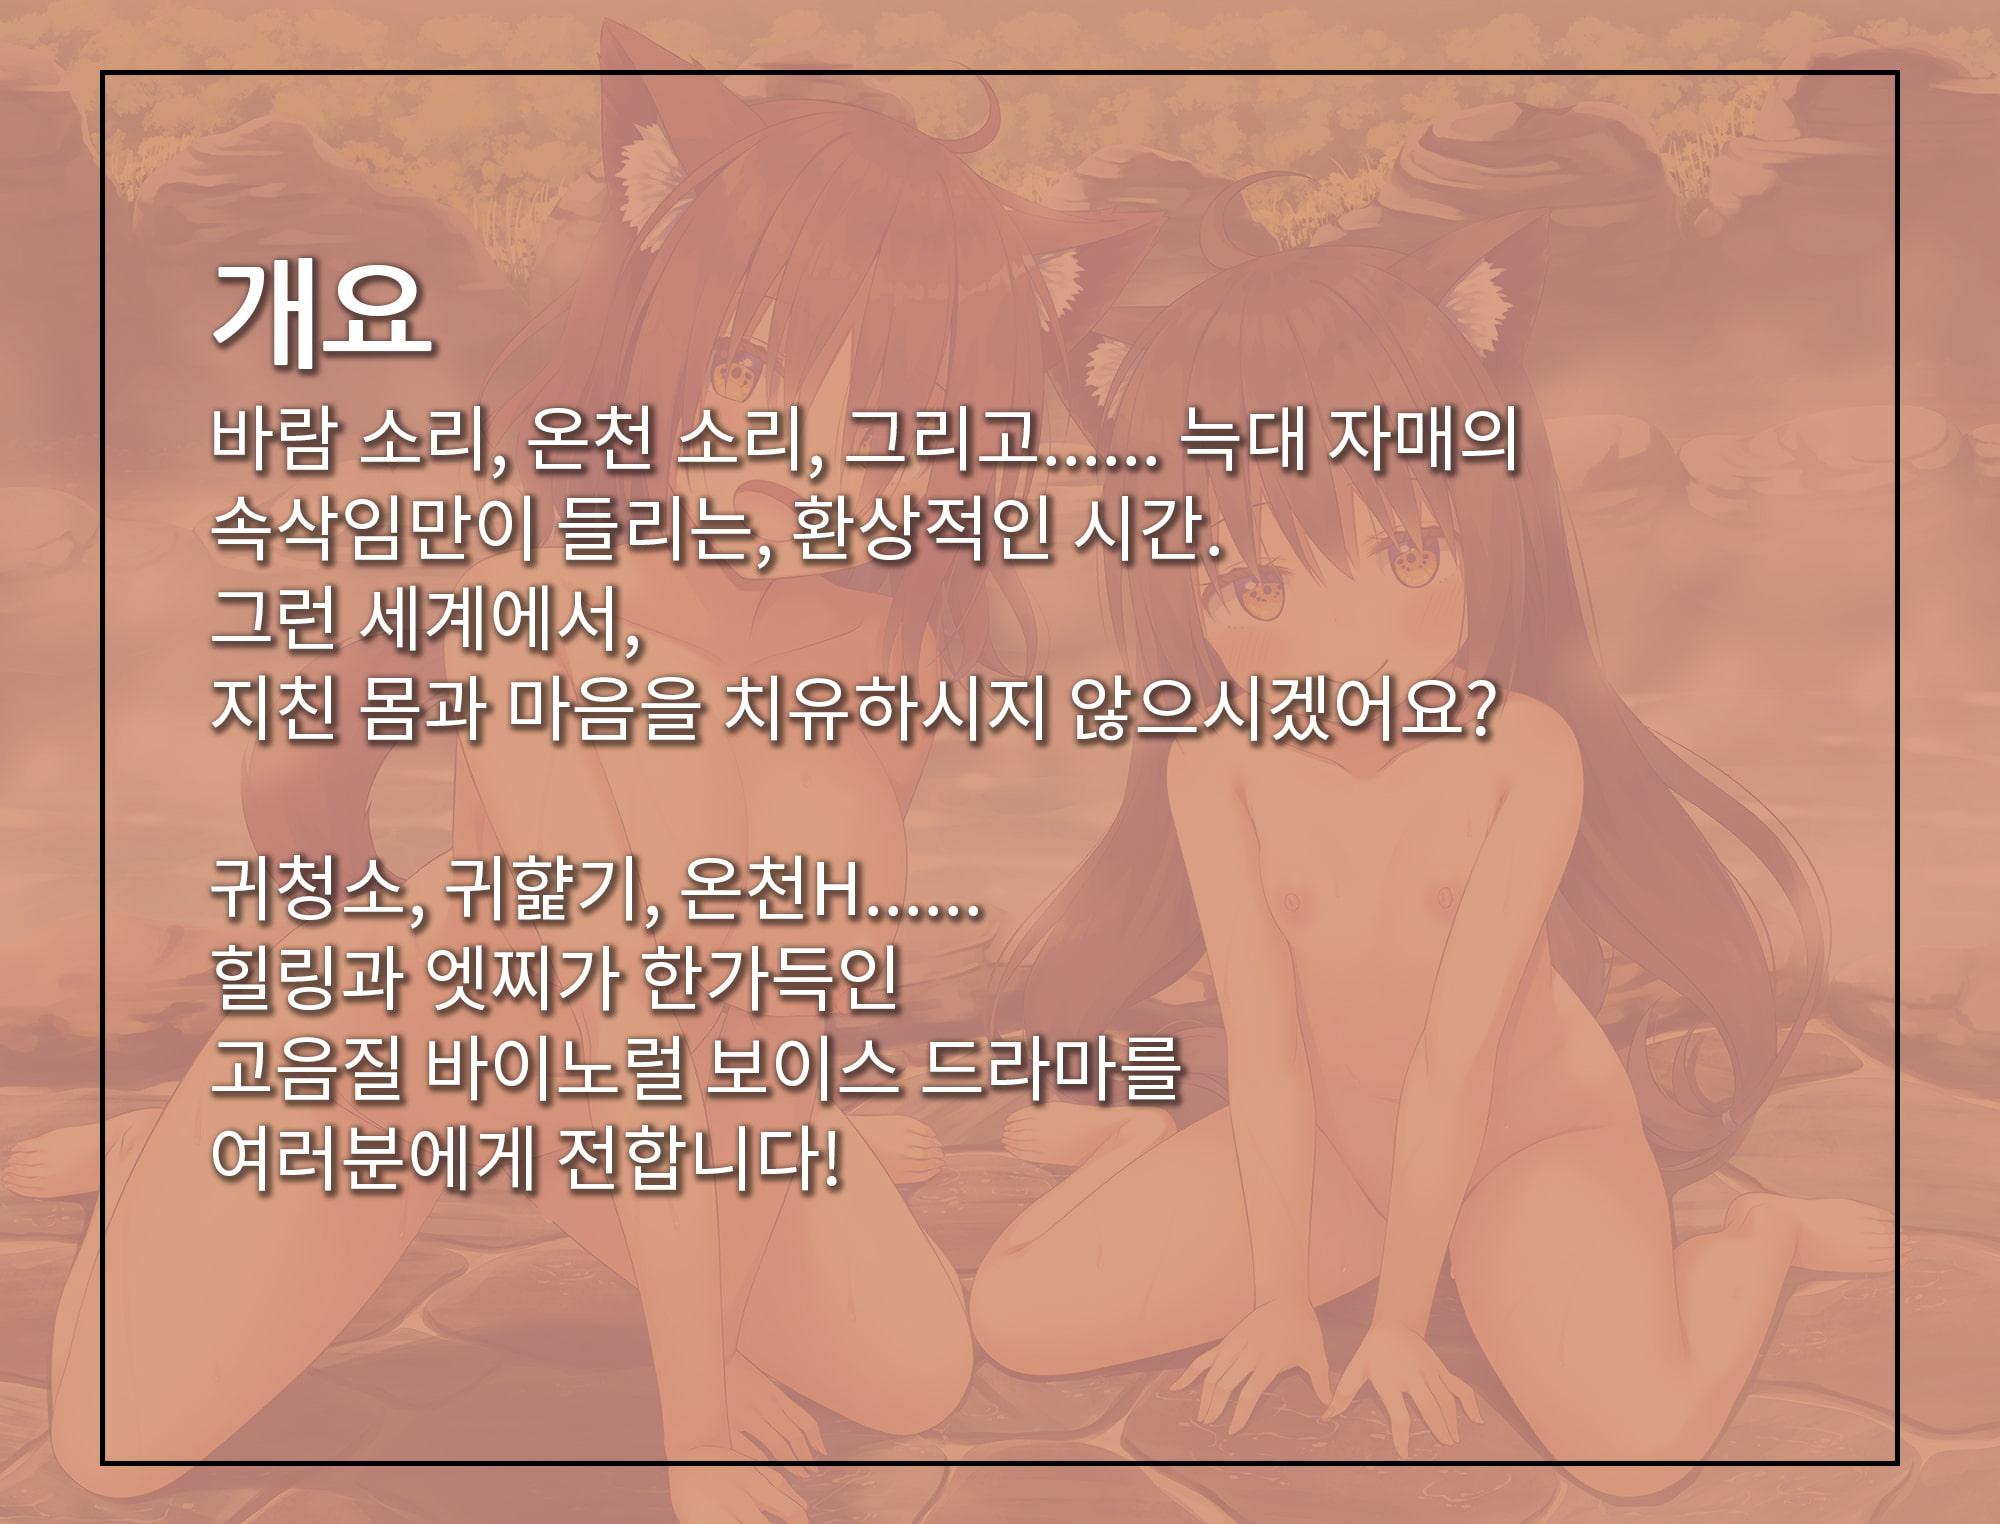 【한글 자막판】환상의 숲・나고미미소우